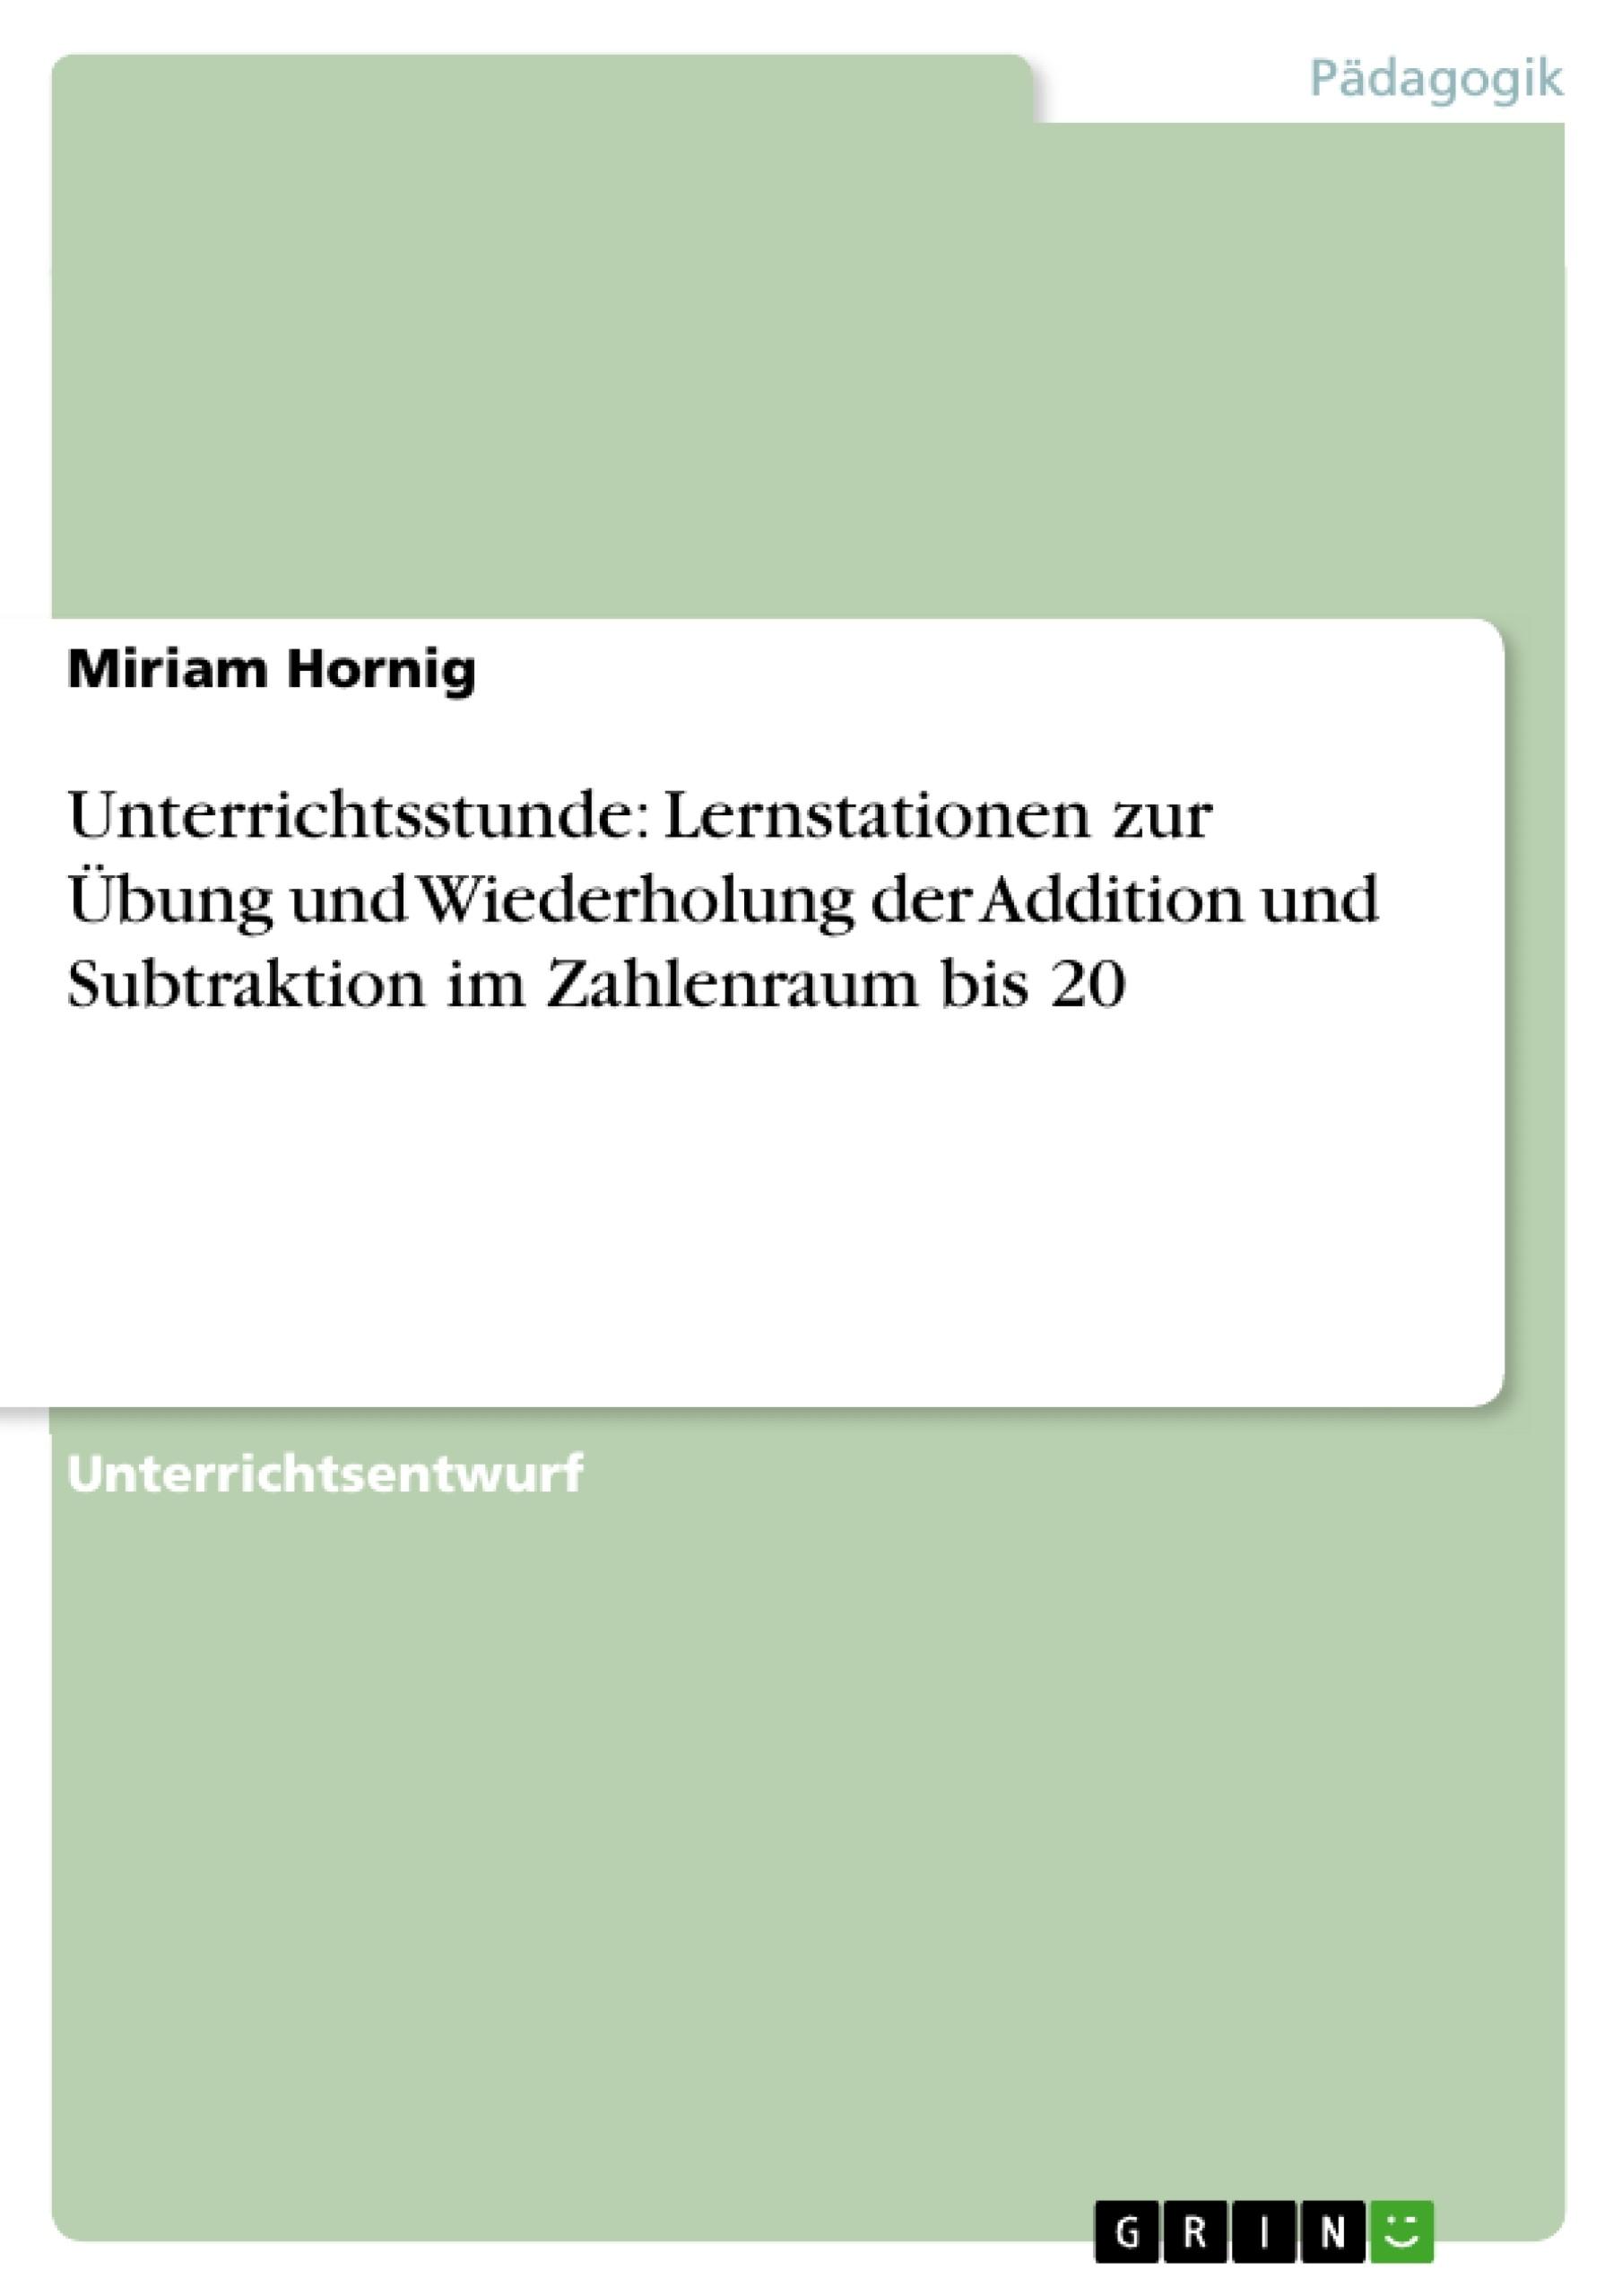 Titel: Unterrichtsstunde: Lernstationen zur Übung und Wiederholung der Addition und Subtraktion im Zahlenraum bis 20